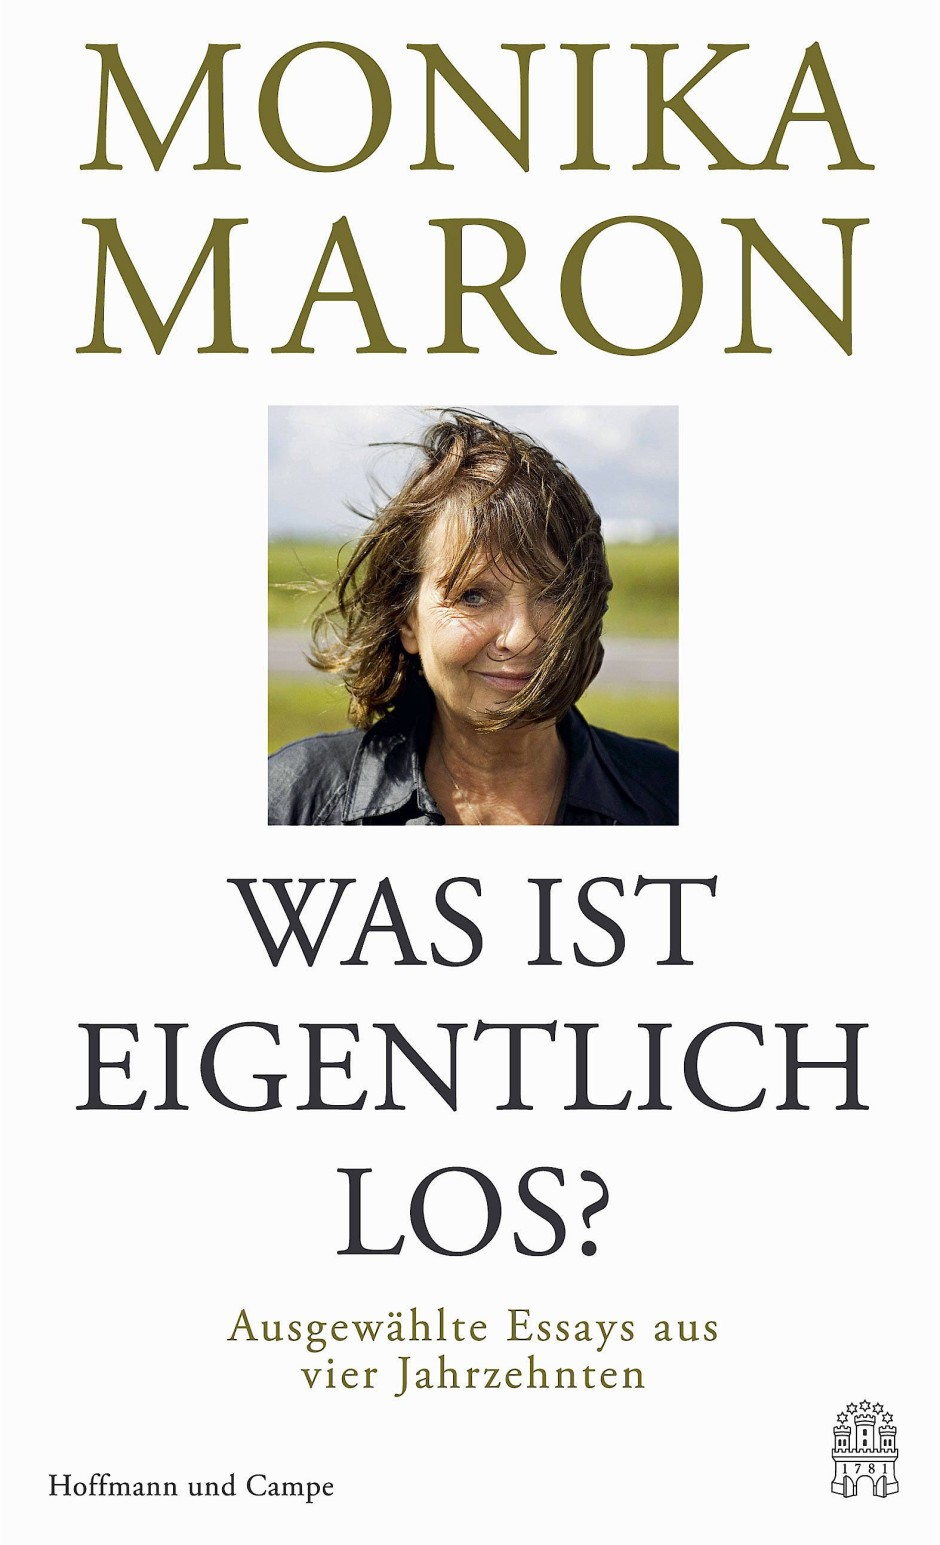 """Monika Maron: """"Was ist eigentlich los?"""" Ausgewählte Essays aus vier Jahrzehnten."""